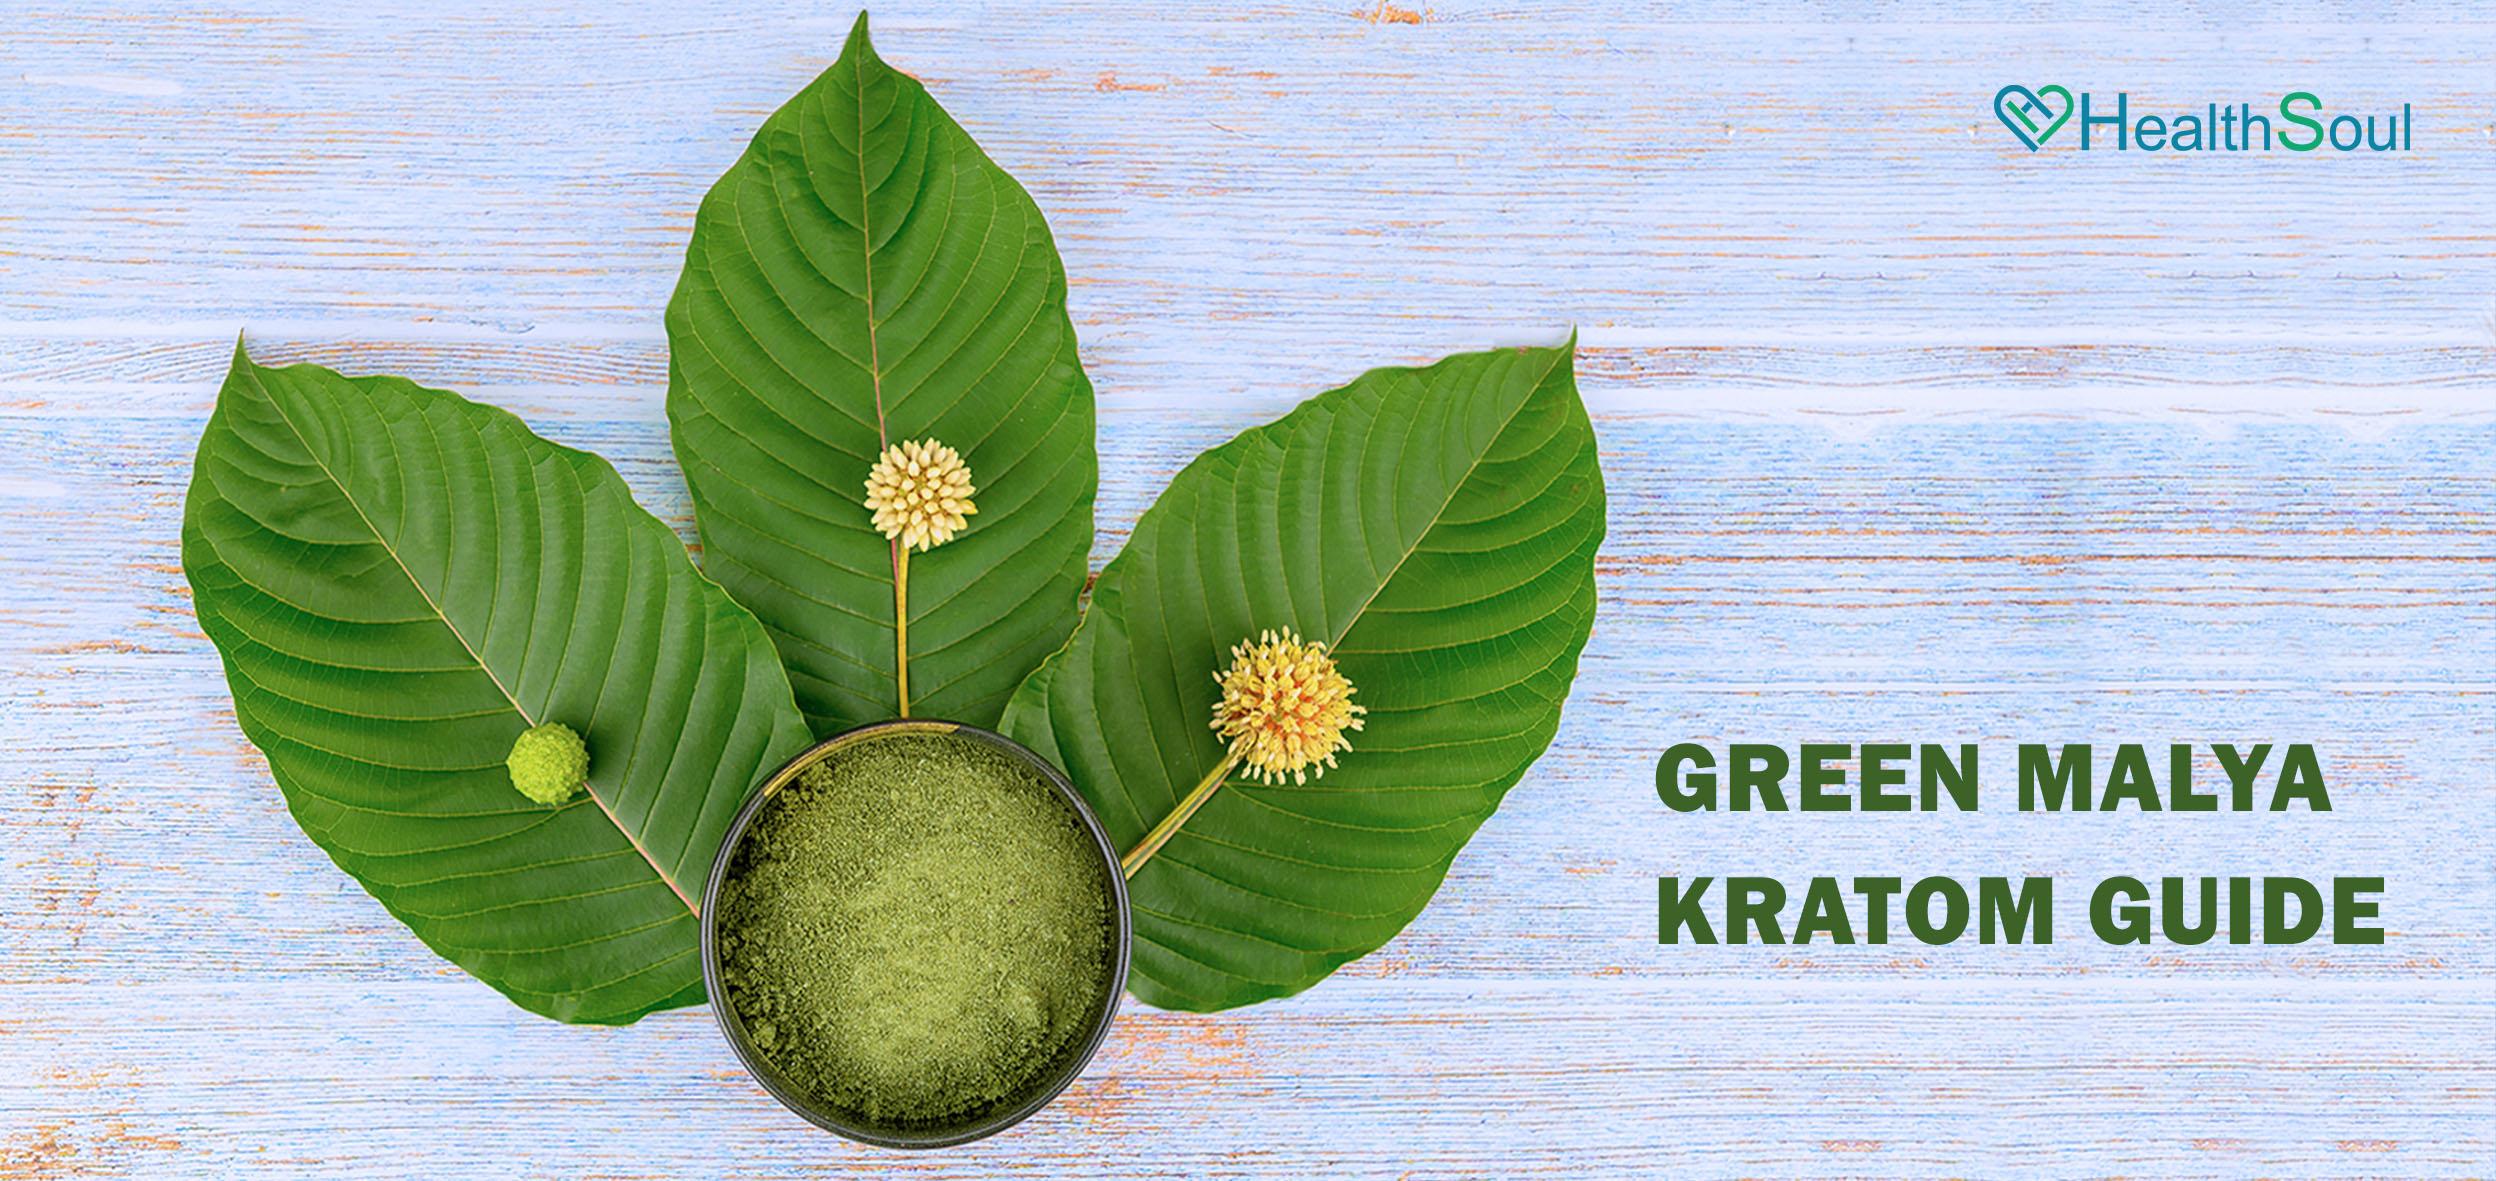 Green Malay Kratom Guide   HealthSoul